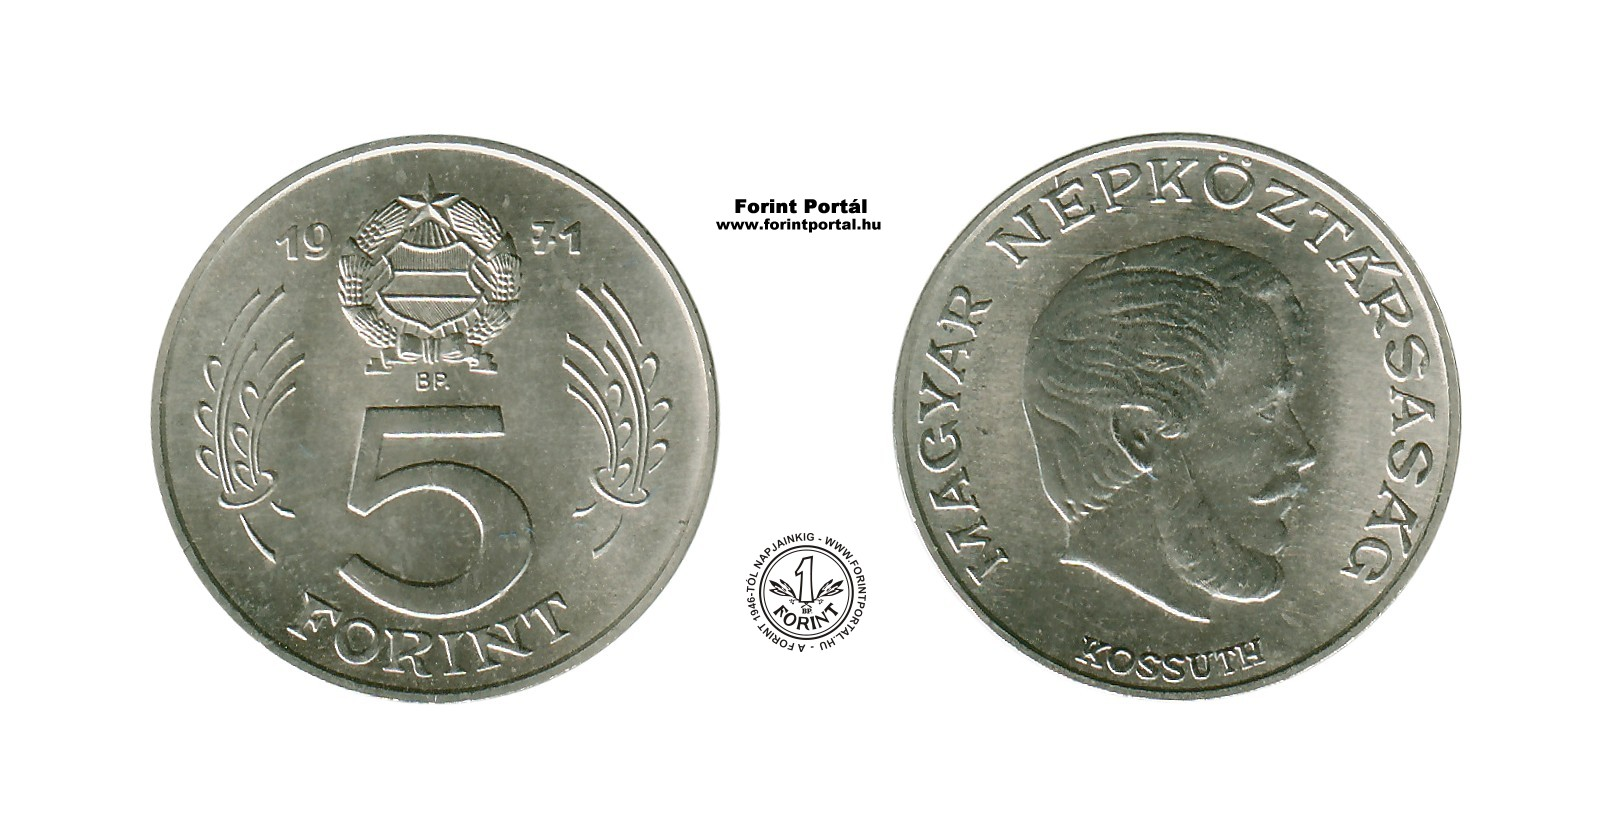 http://www.forintportal.hu/forint/5_forint/www_forintportal_hu_1971_5_forint.jpg